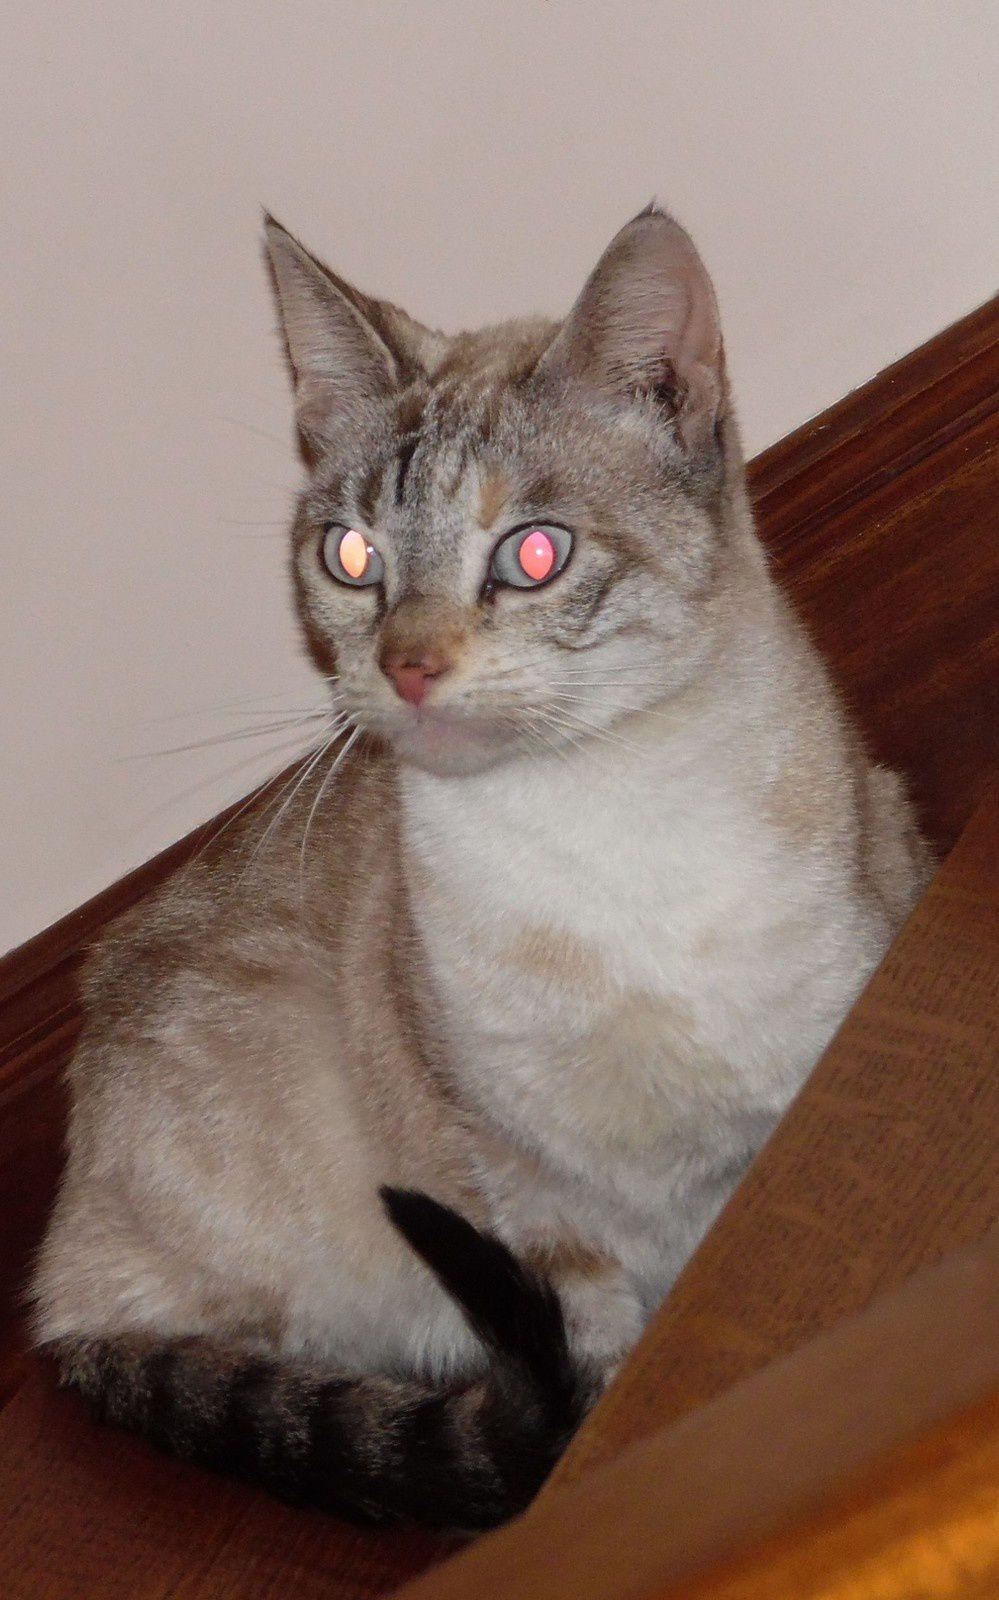 Voici THALIA dont l'âge estimé est d'environ 8 ans- Non elle n'a pas les yeux qui s'allument ...